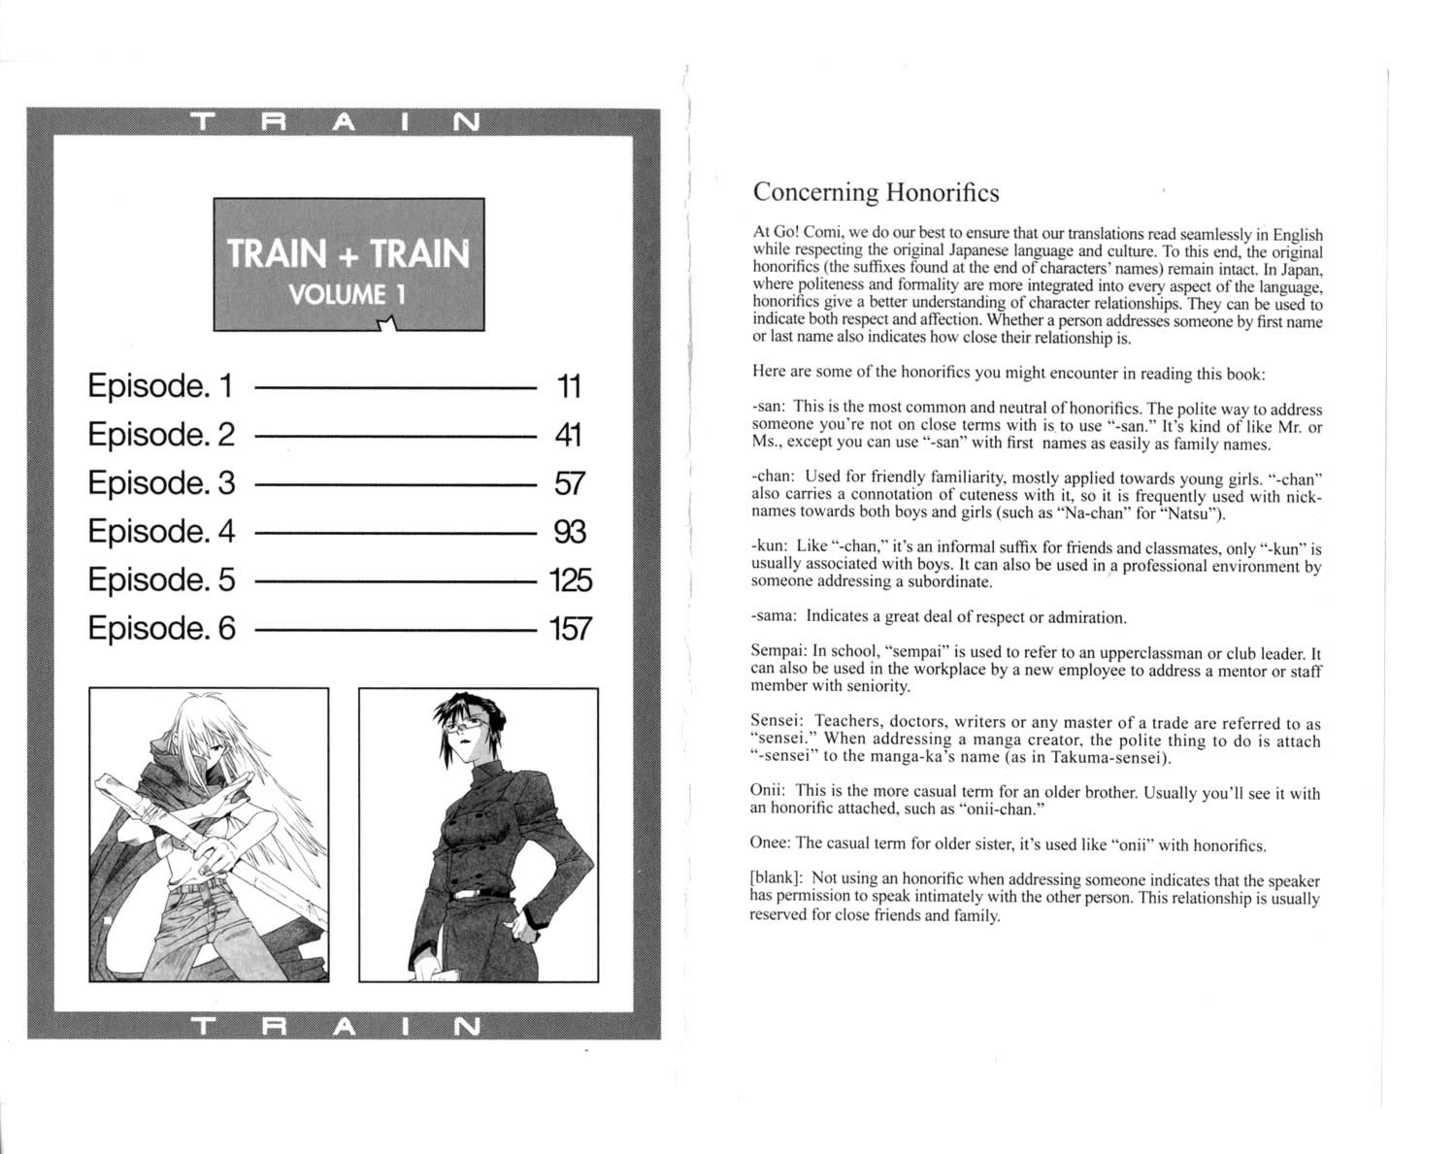 Train+Train 0 Page 4